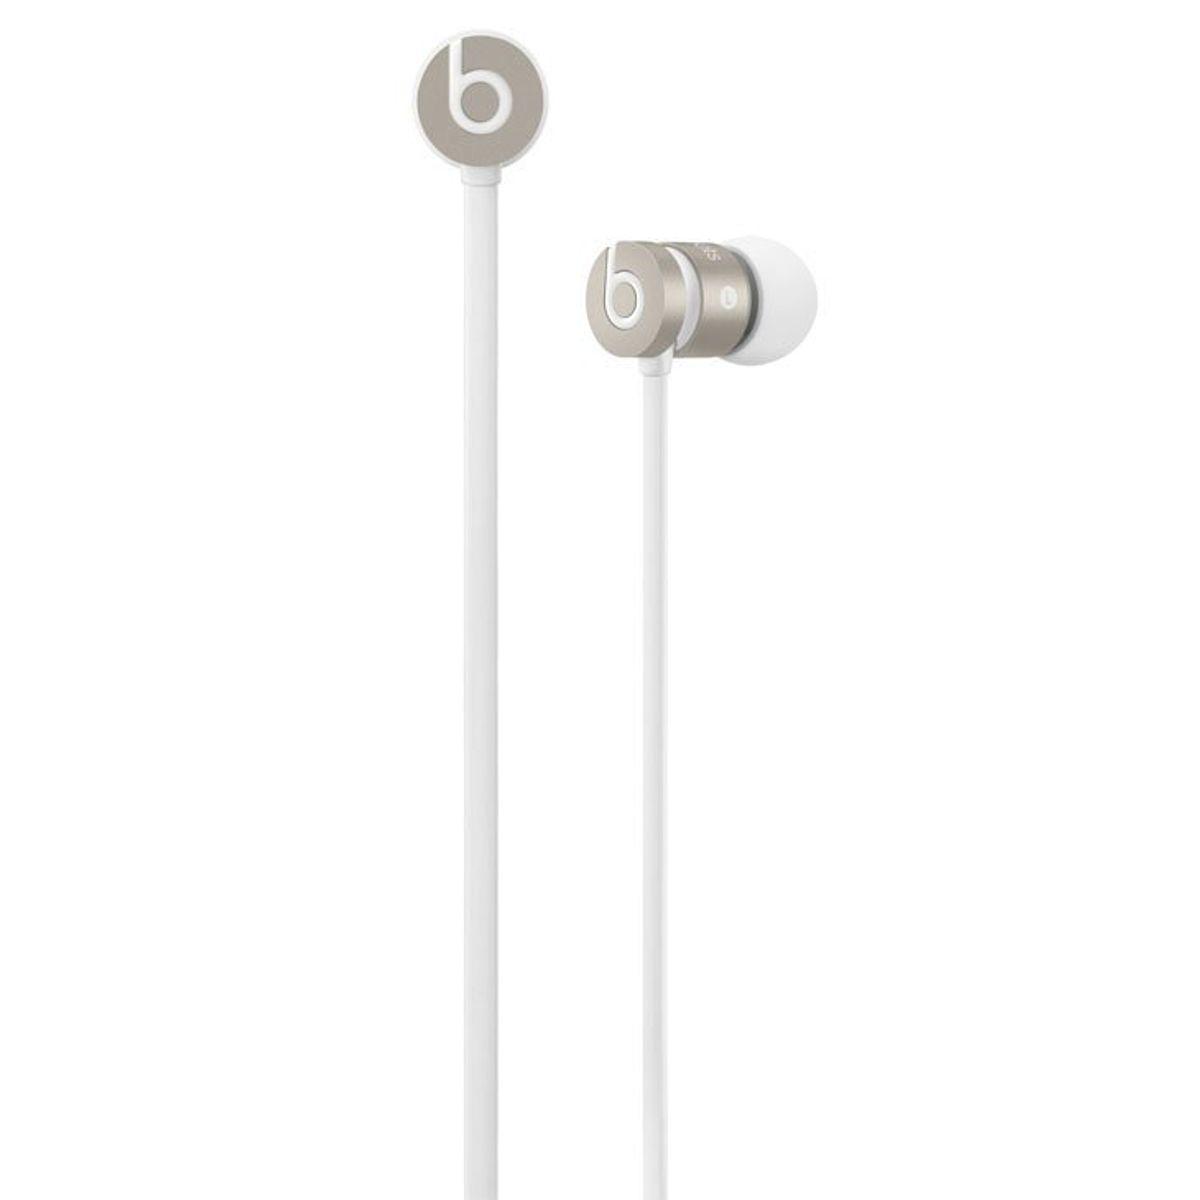 Fone de Ouvido Intra-auricular Urbeats2 Dourado Beats Mk9x2bza